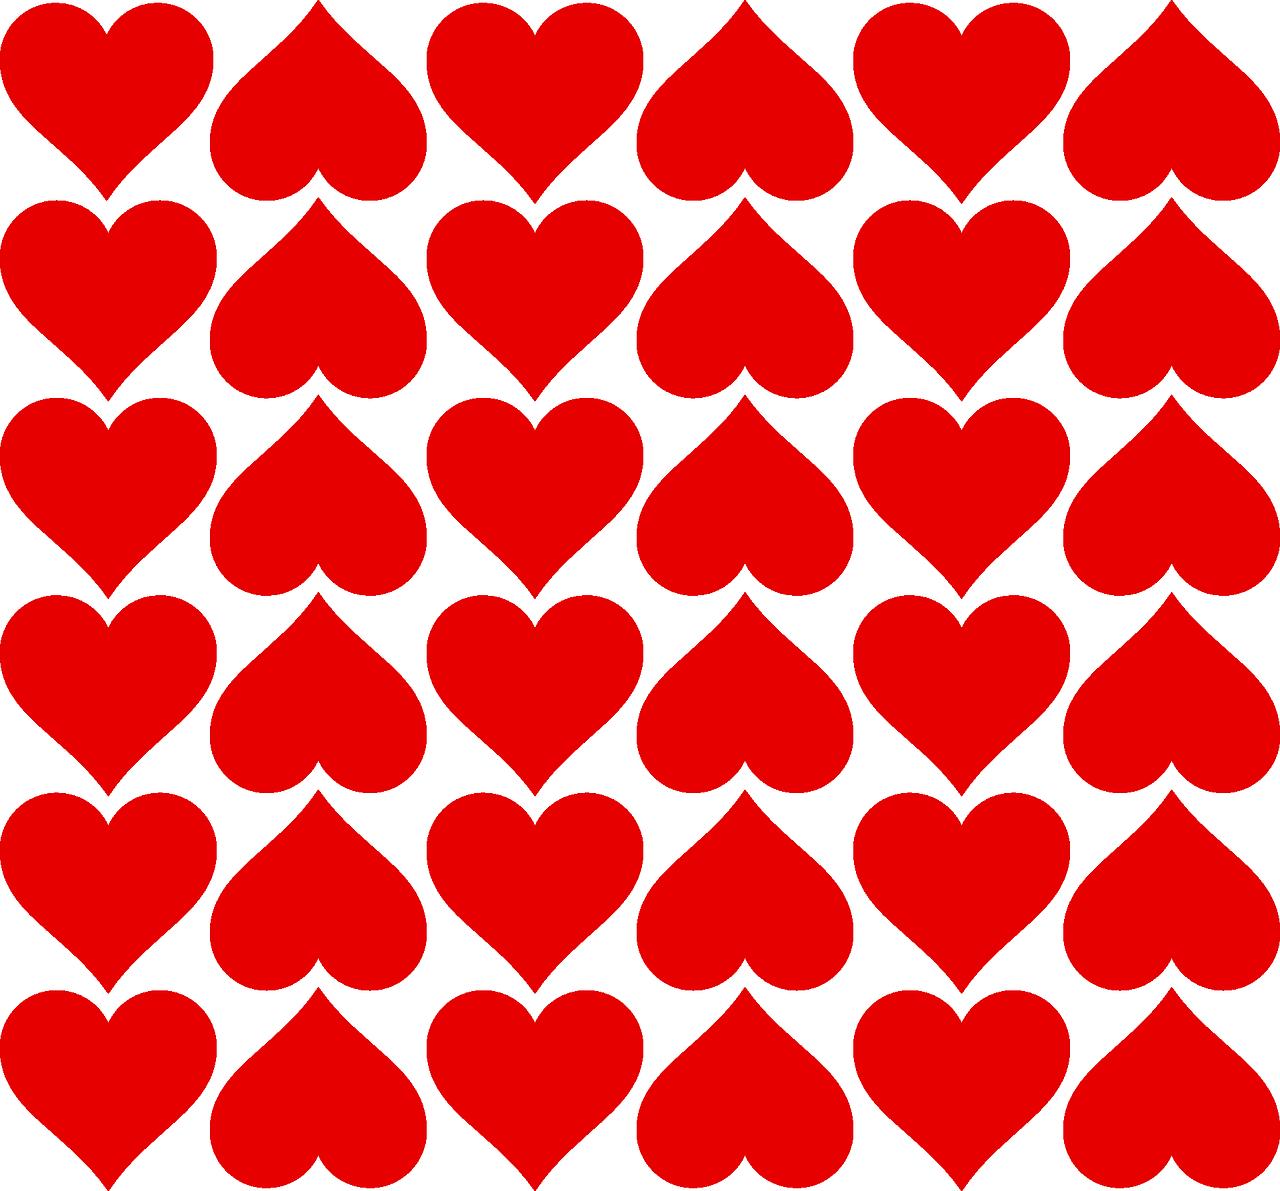 Картинки сердечек красивых для вырезания